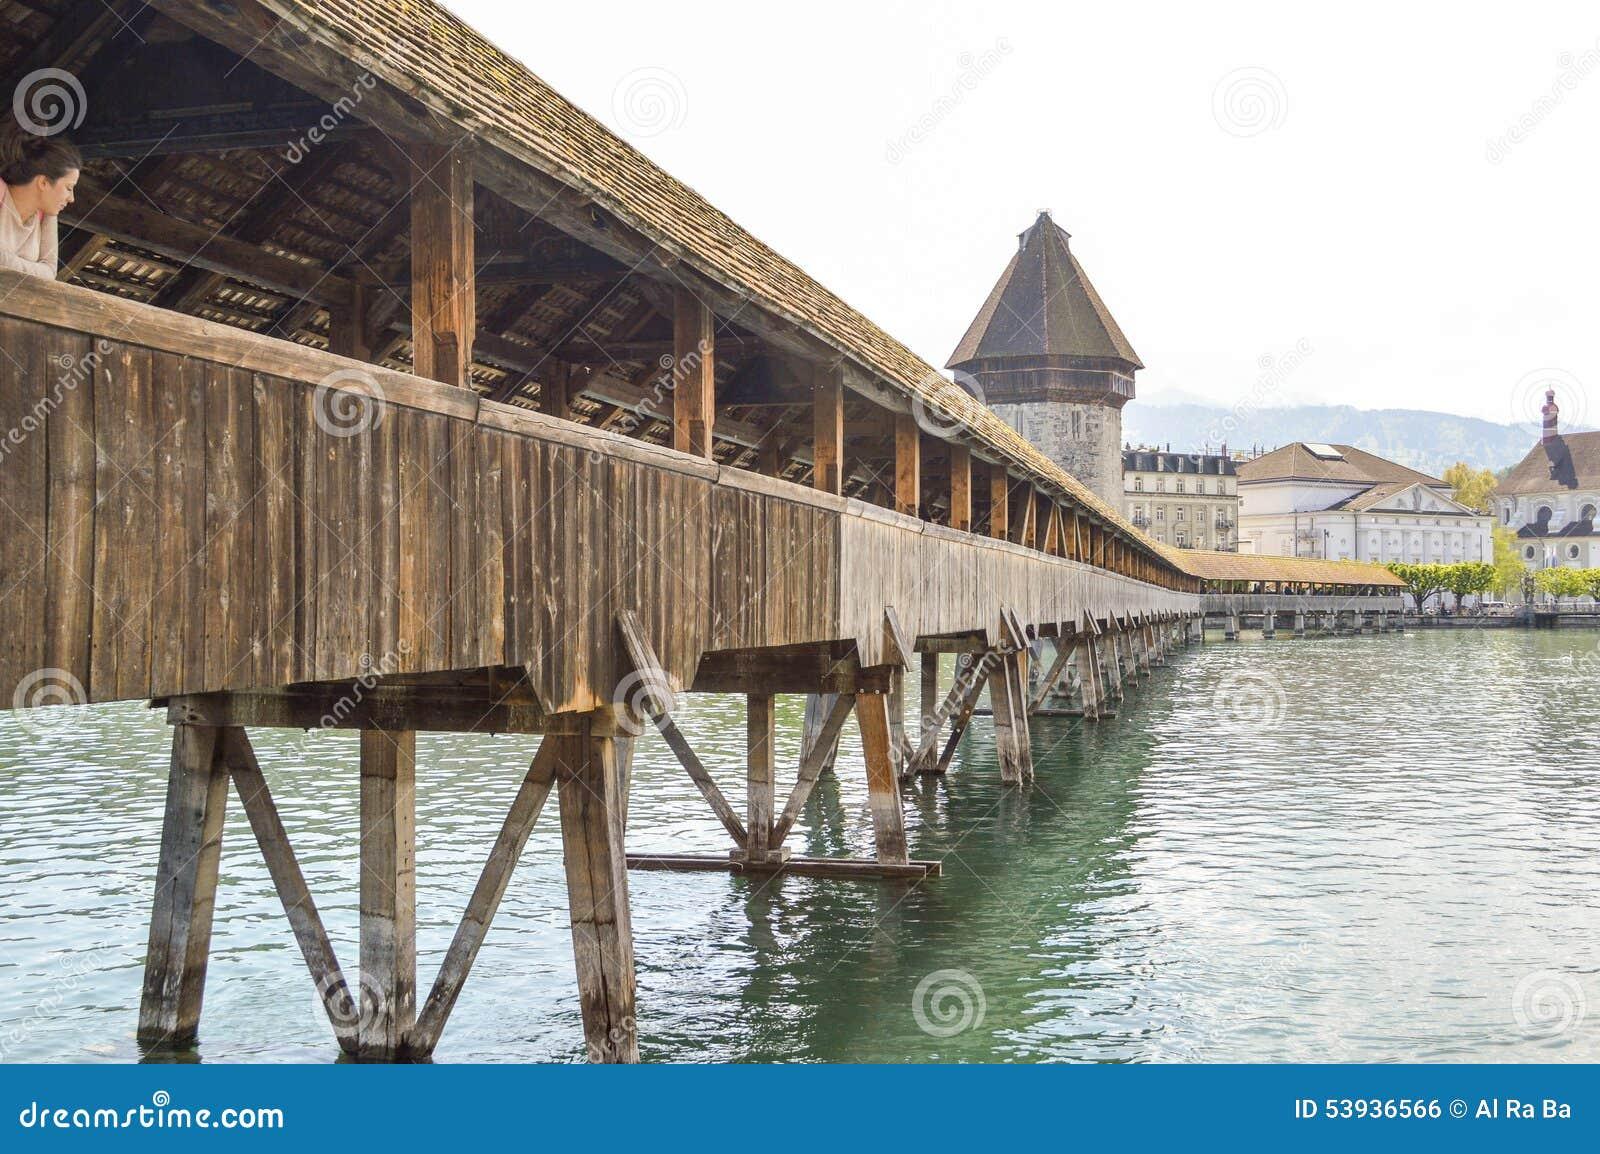 le pont en bois le plus ancien de cke de de kapellbr de pont de chapelle luzerne suisse. Black Bedroom Furniture Sets. Home Design Ideas